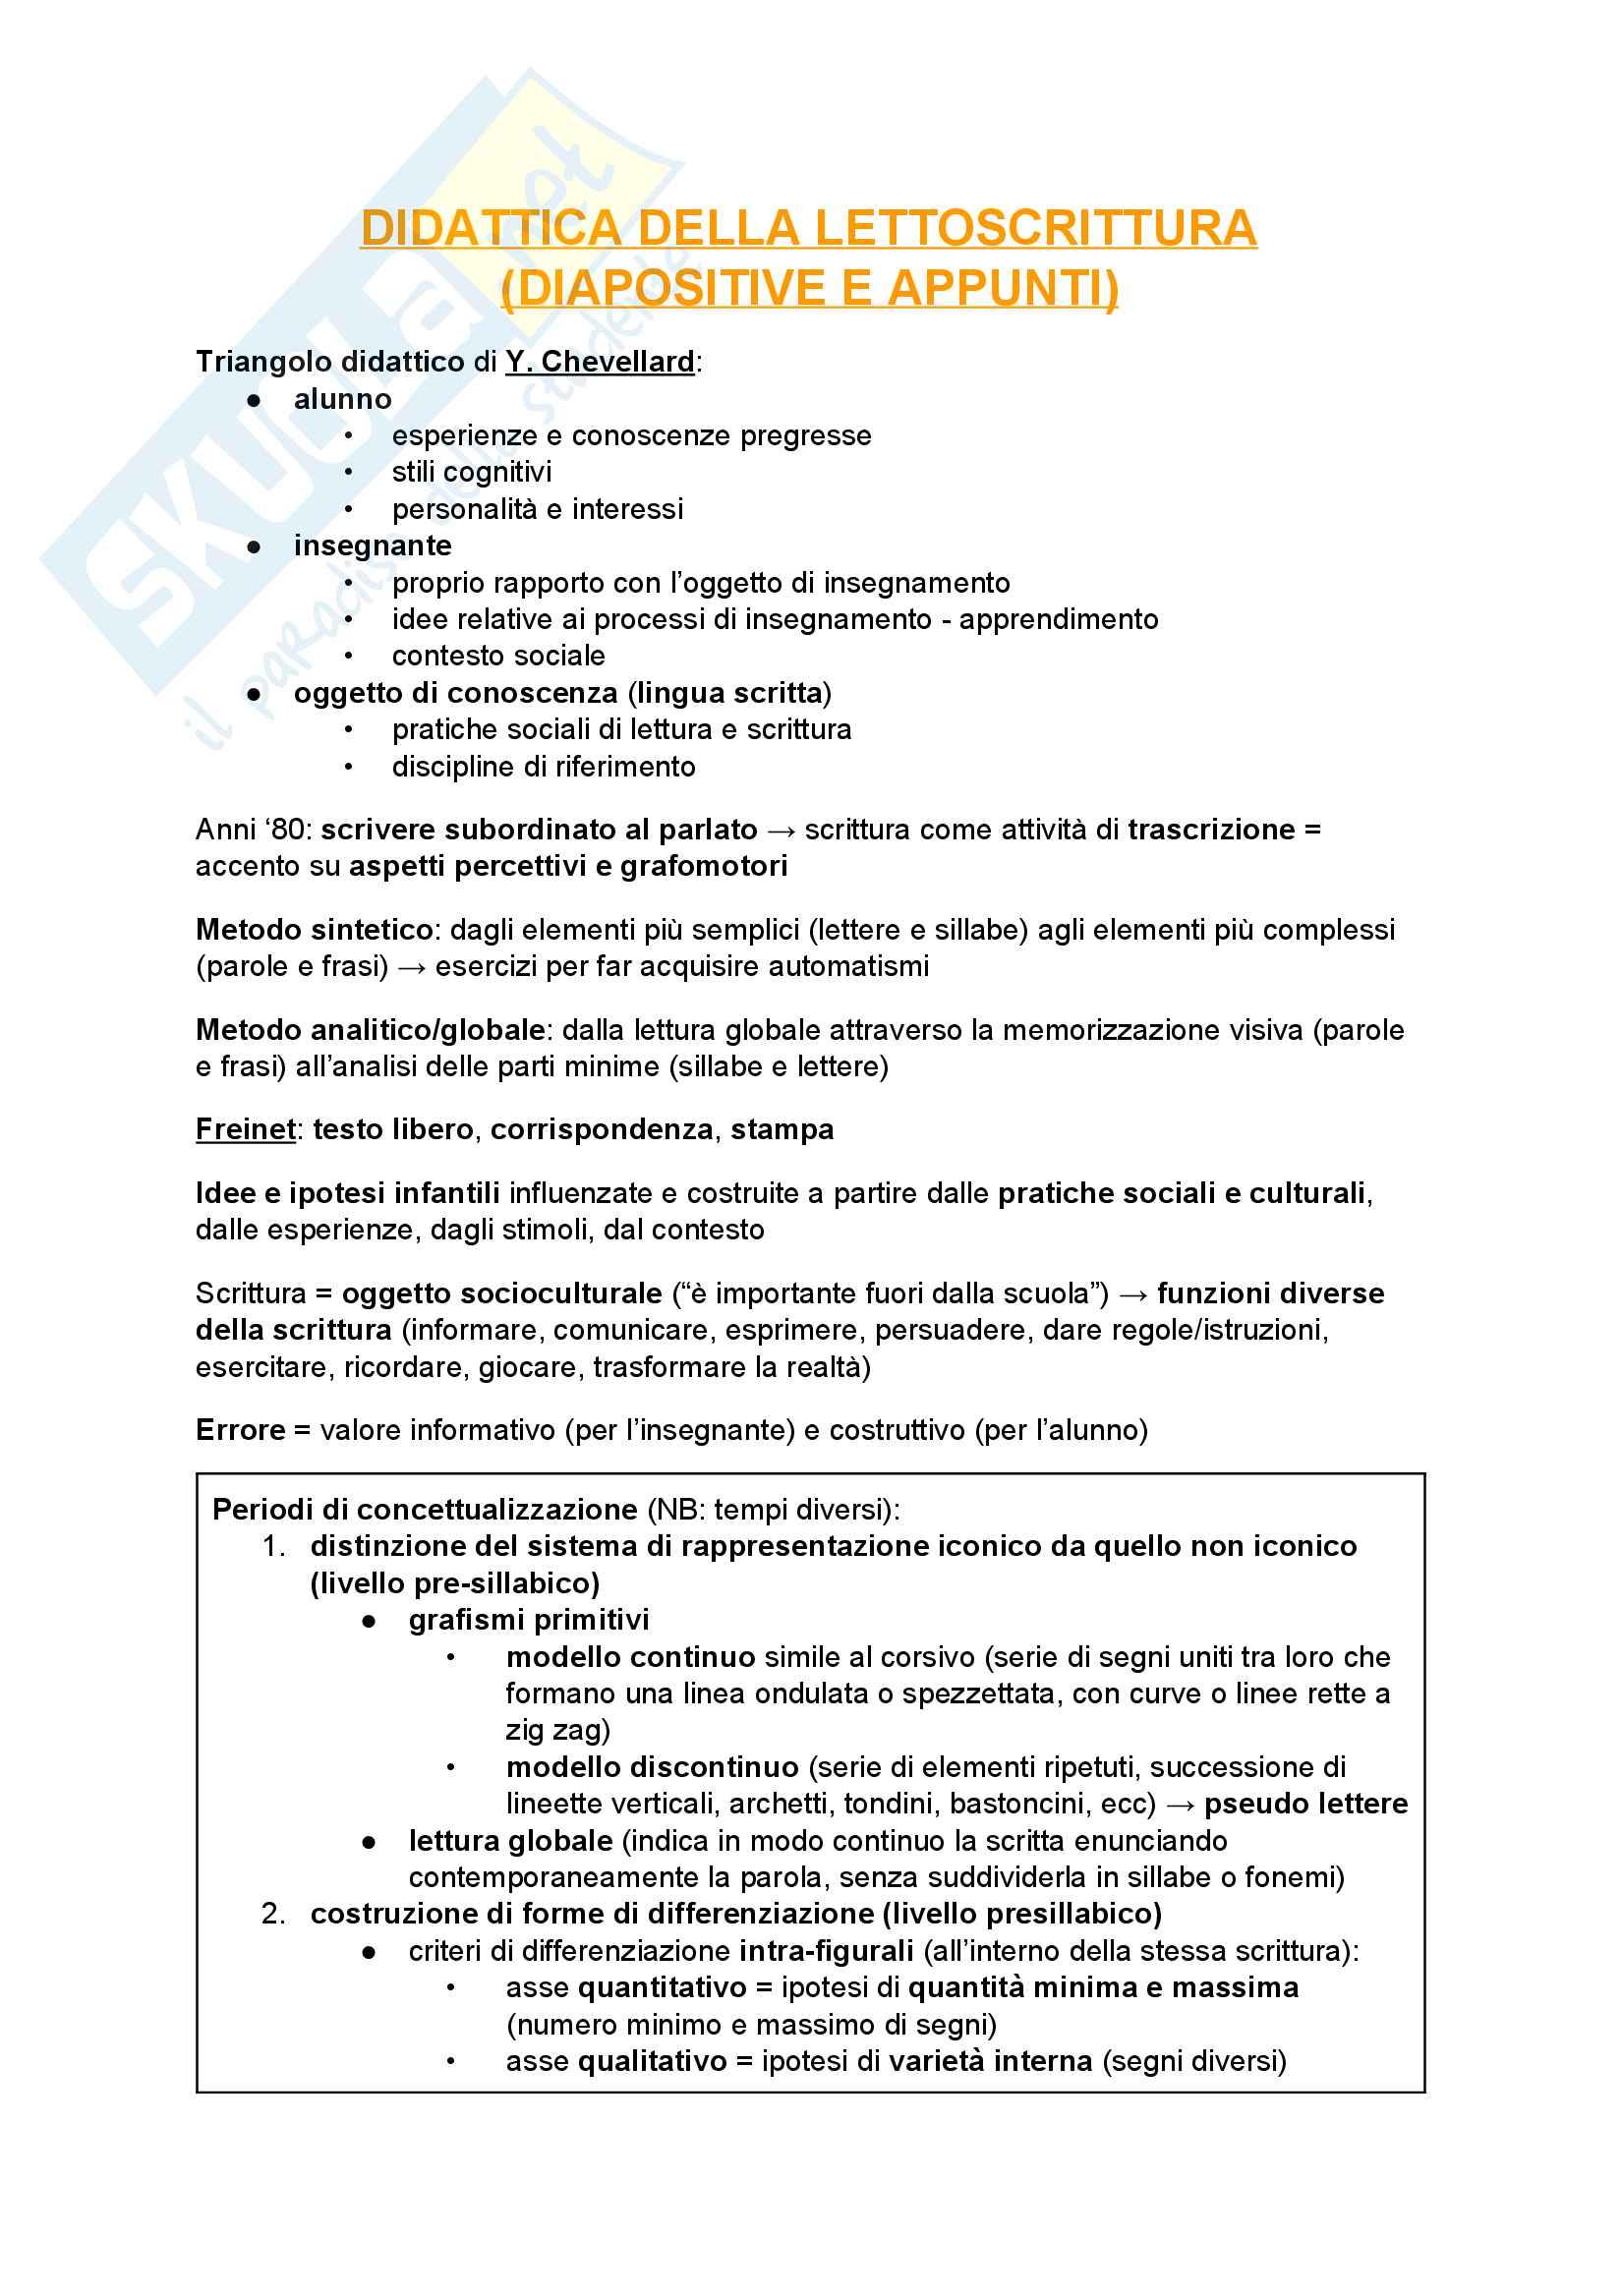 Appunti - Didattica della lettura e della scrittura